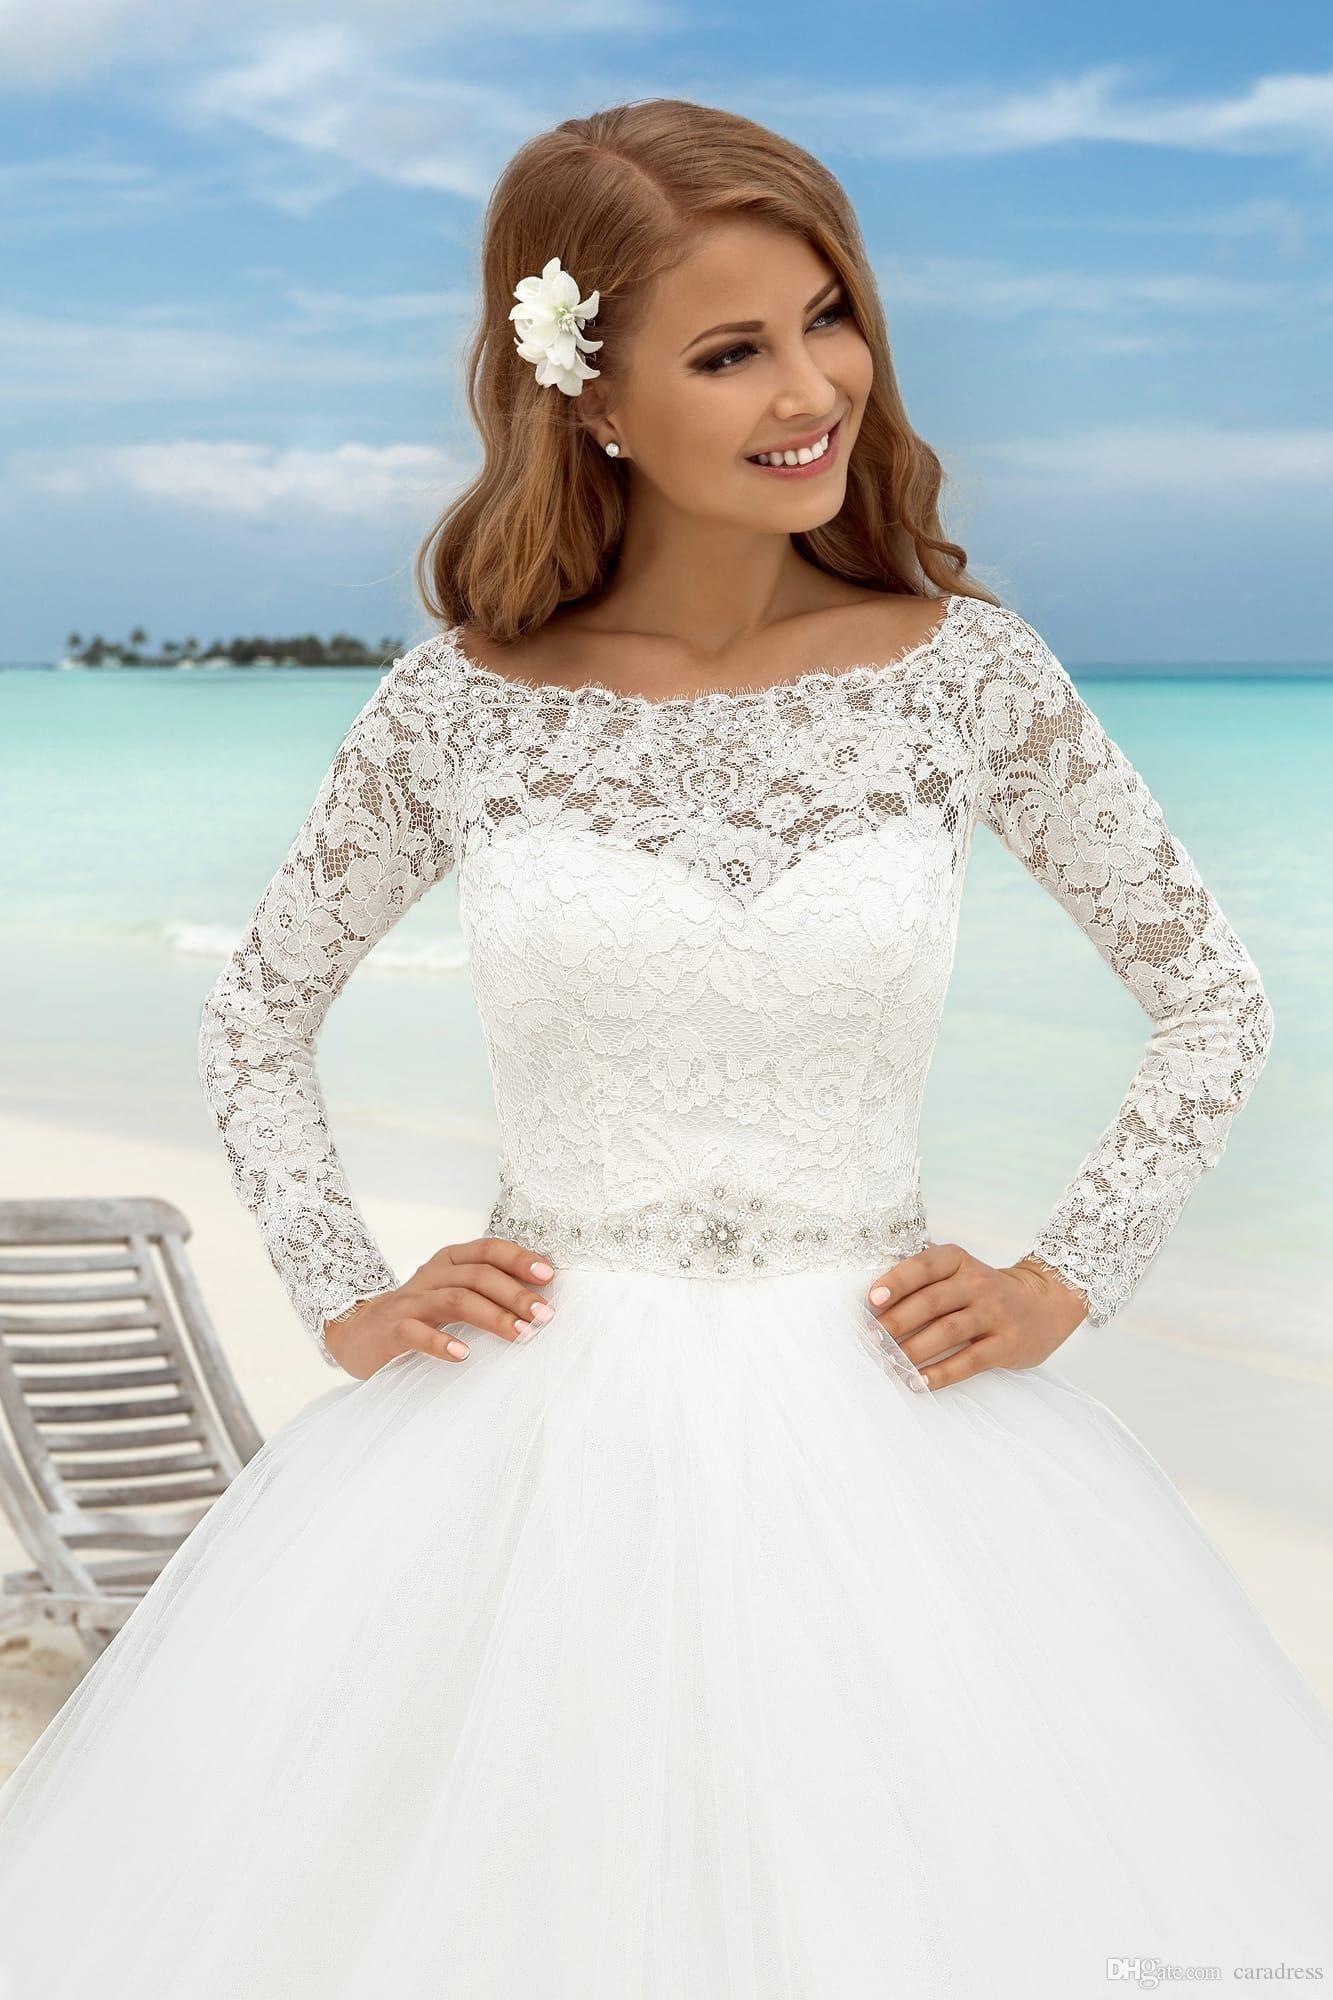 Brautkleid strand lang dein neuer kleiderfotoblog - Brautkleid bonprix ...